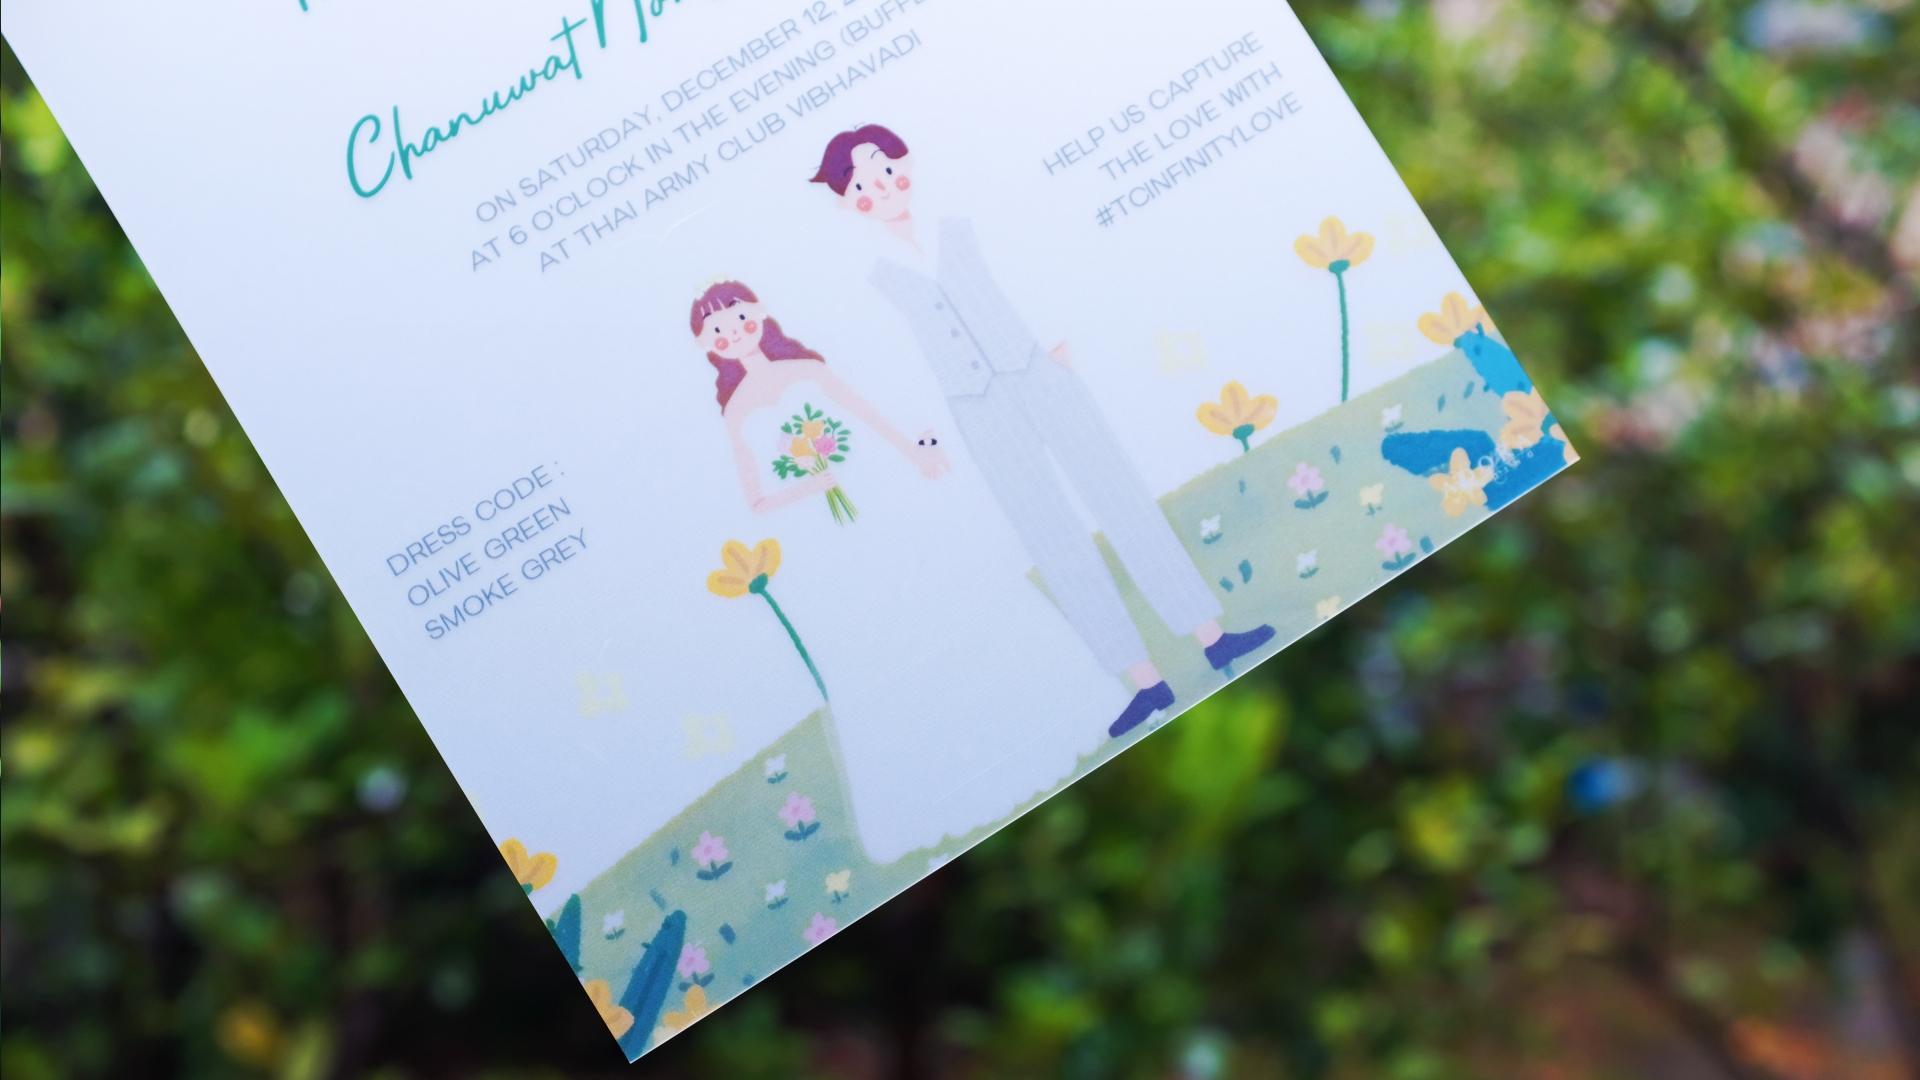 B076LM-wedding-card-3